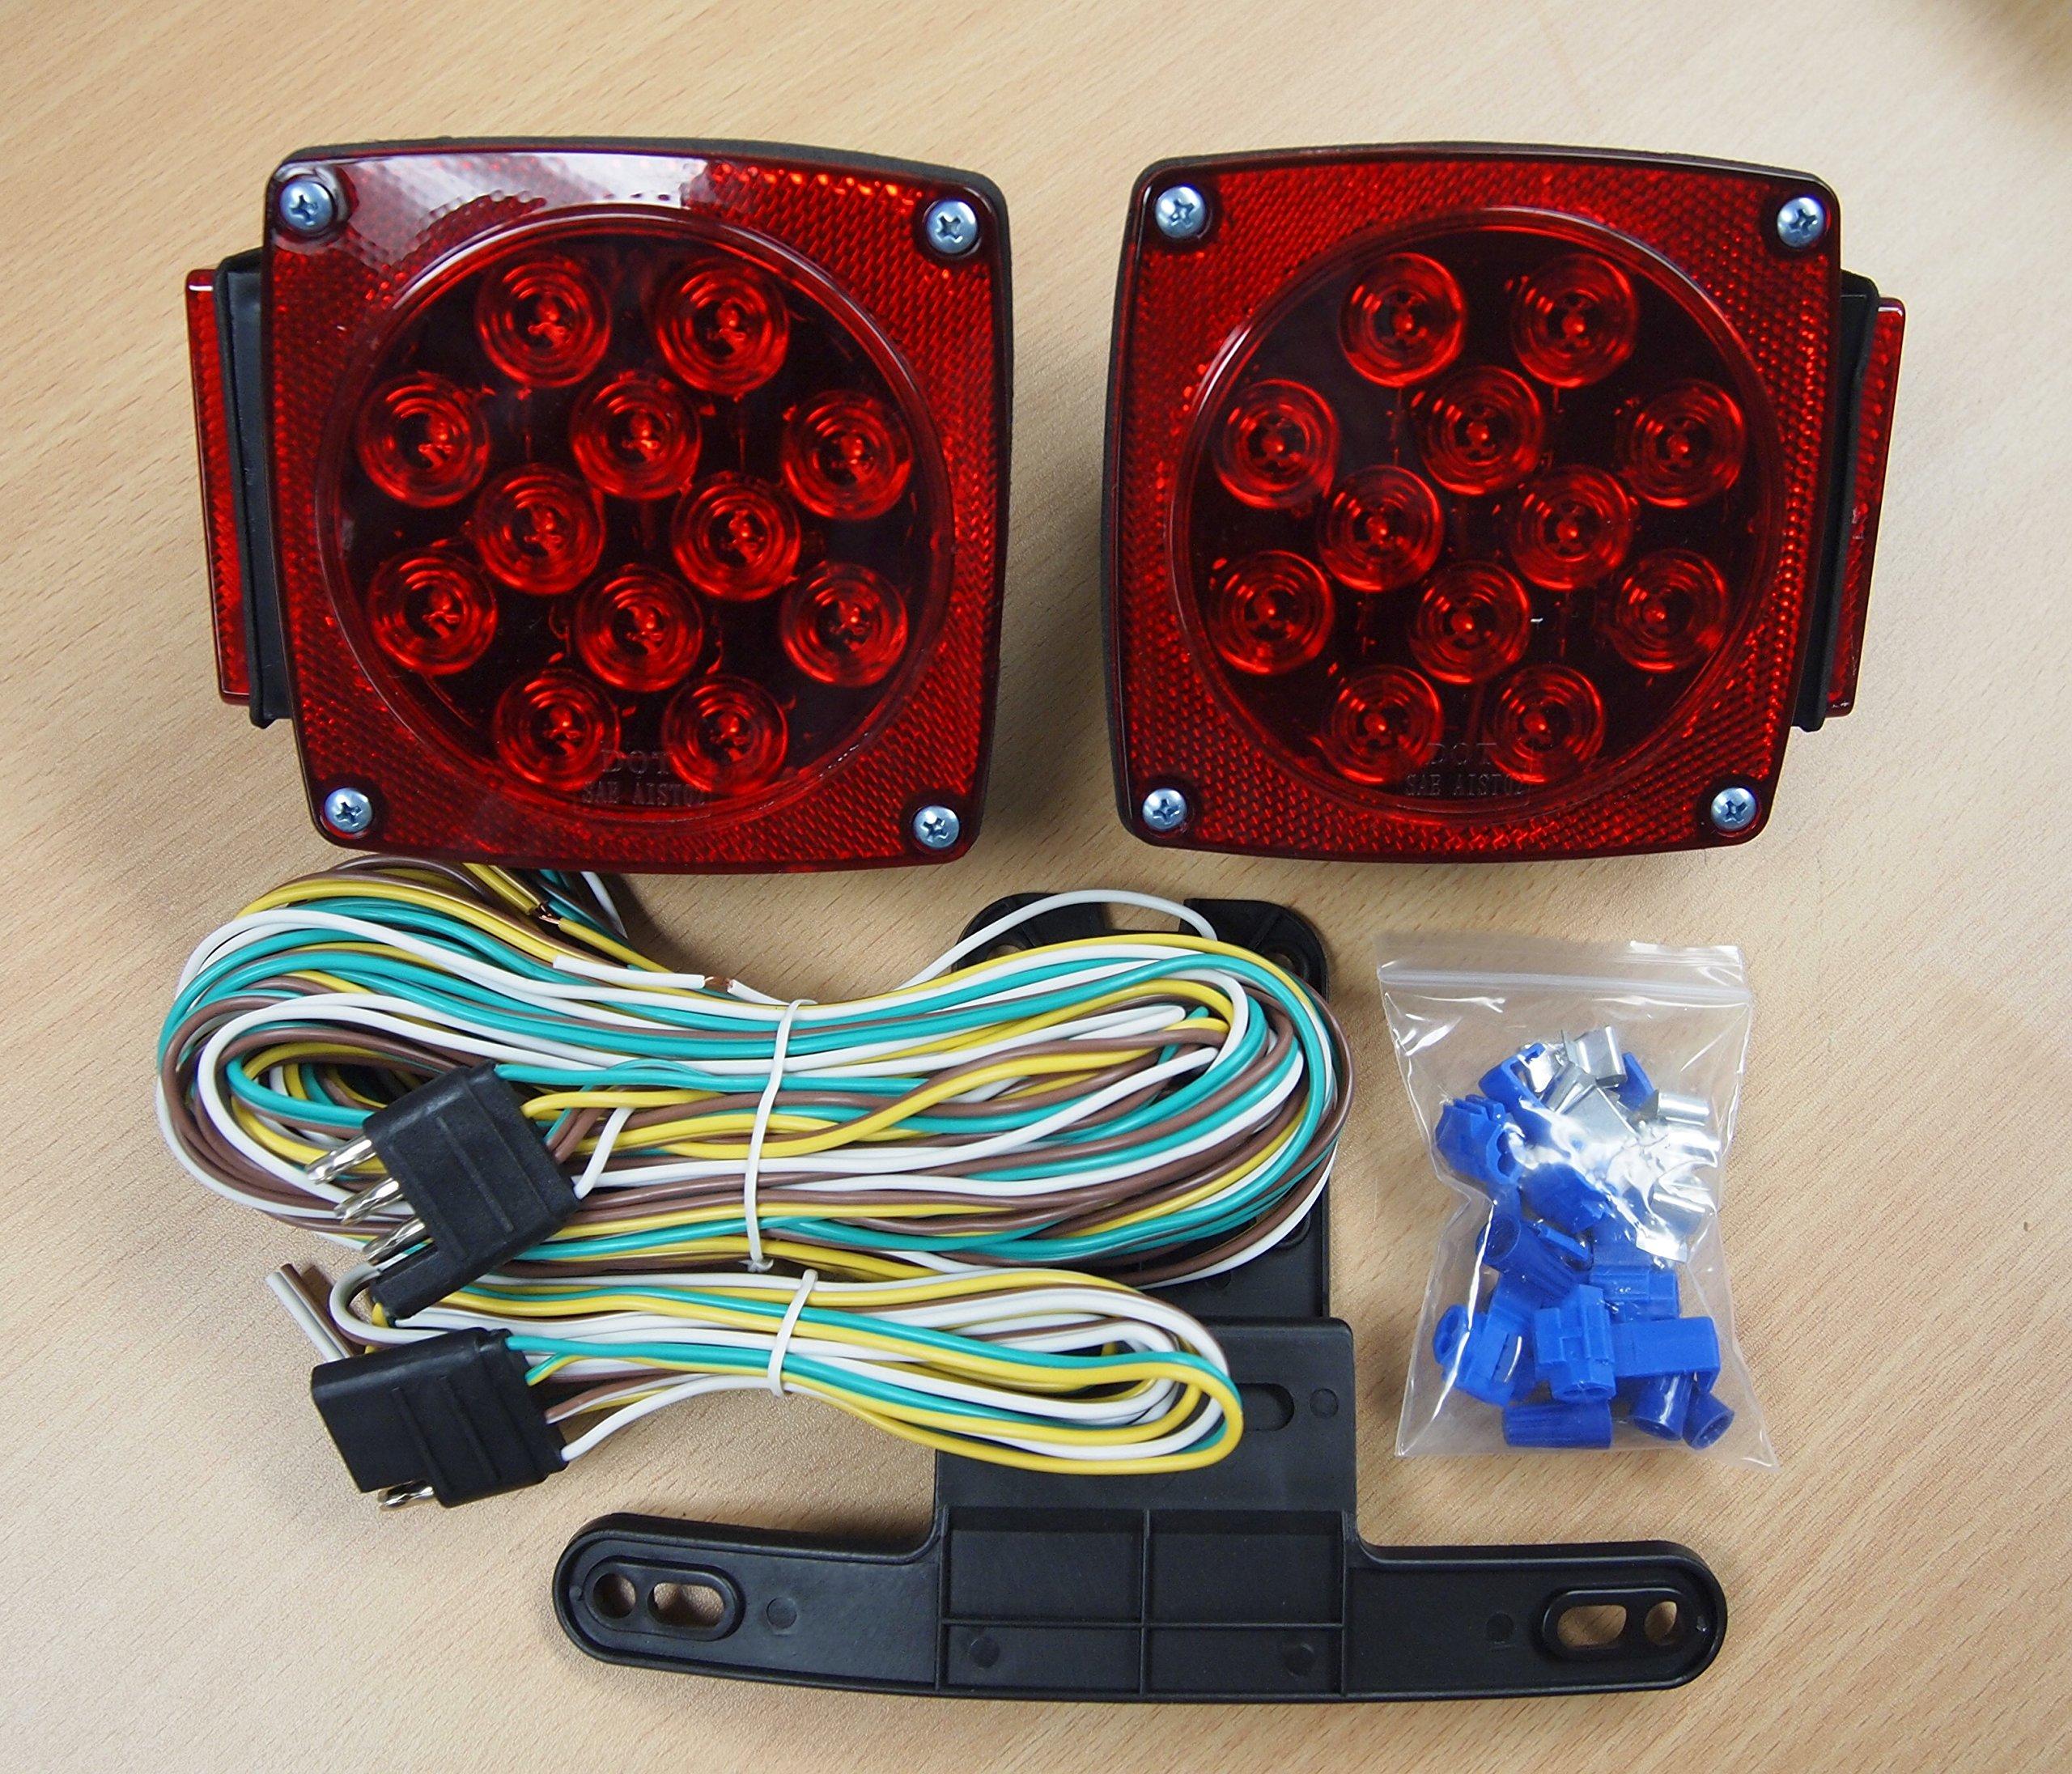 Eaglestar 12V LED Trailer Light Kit Multi-Function Tail Lights Submersible DOT by Eaglestar